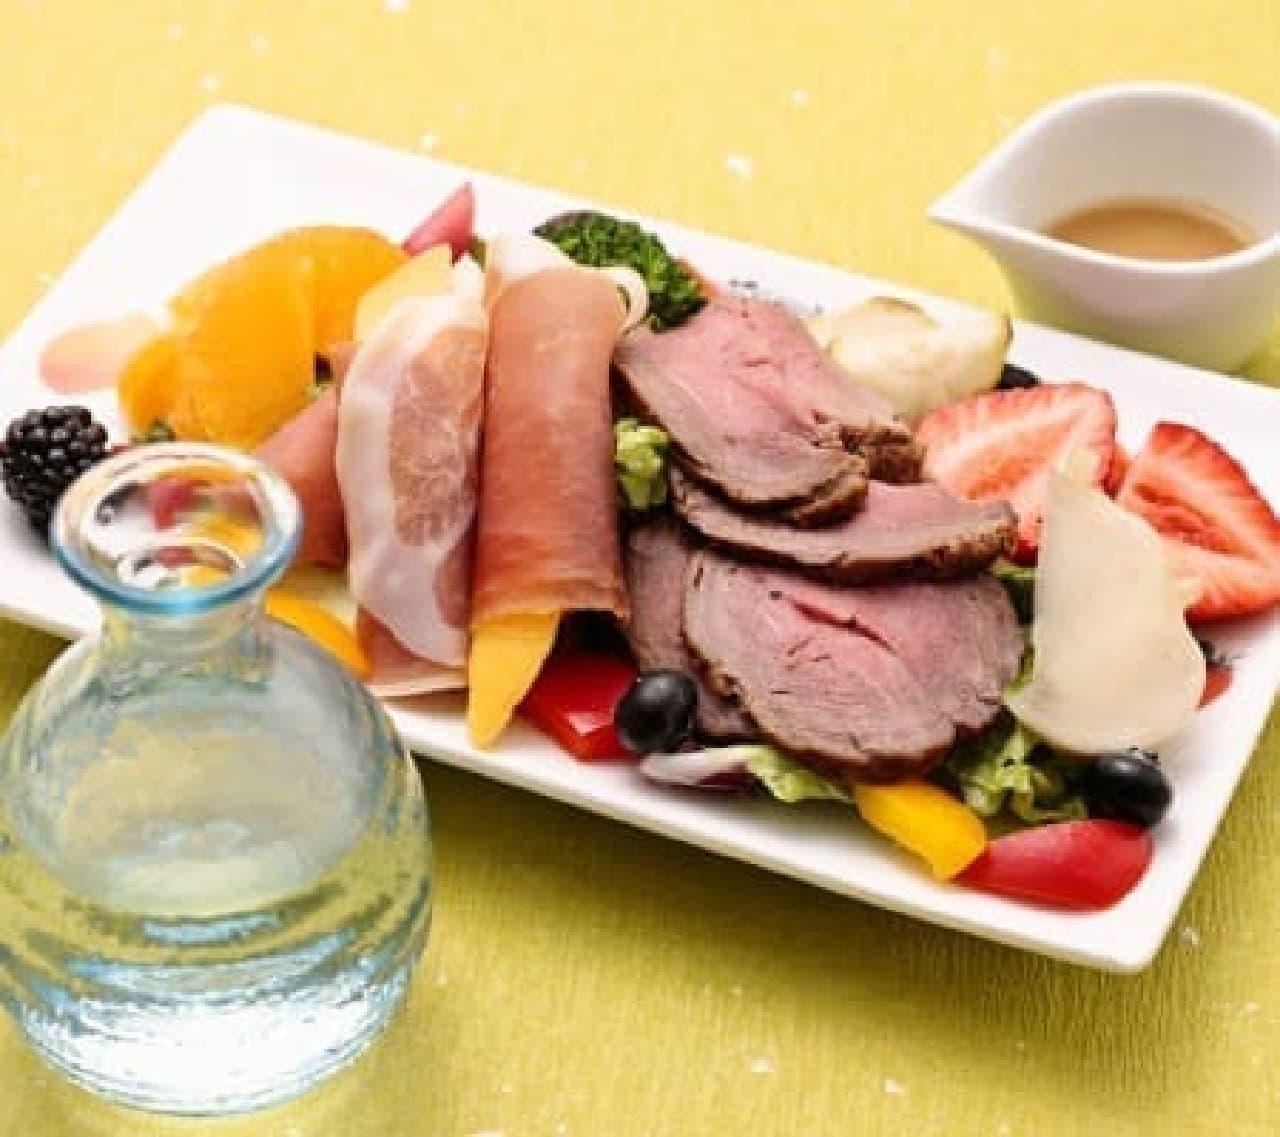 東京駅で、北陸の地酒をおいしい料理とともに…  (画像:果実園「生ハムとローストビーフ、フレッシュフルーツと共に」)